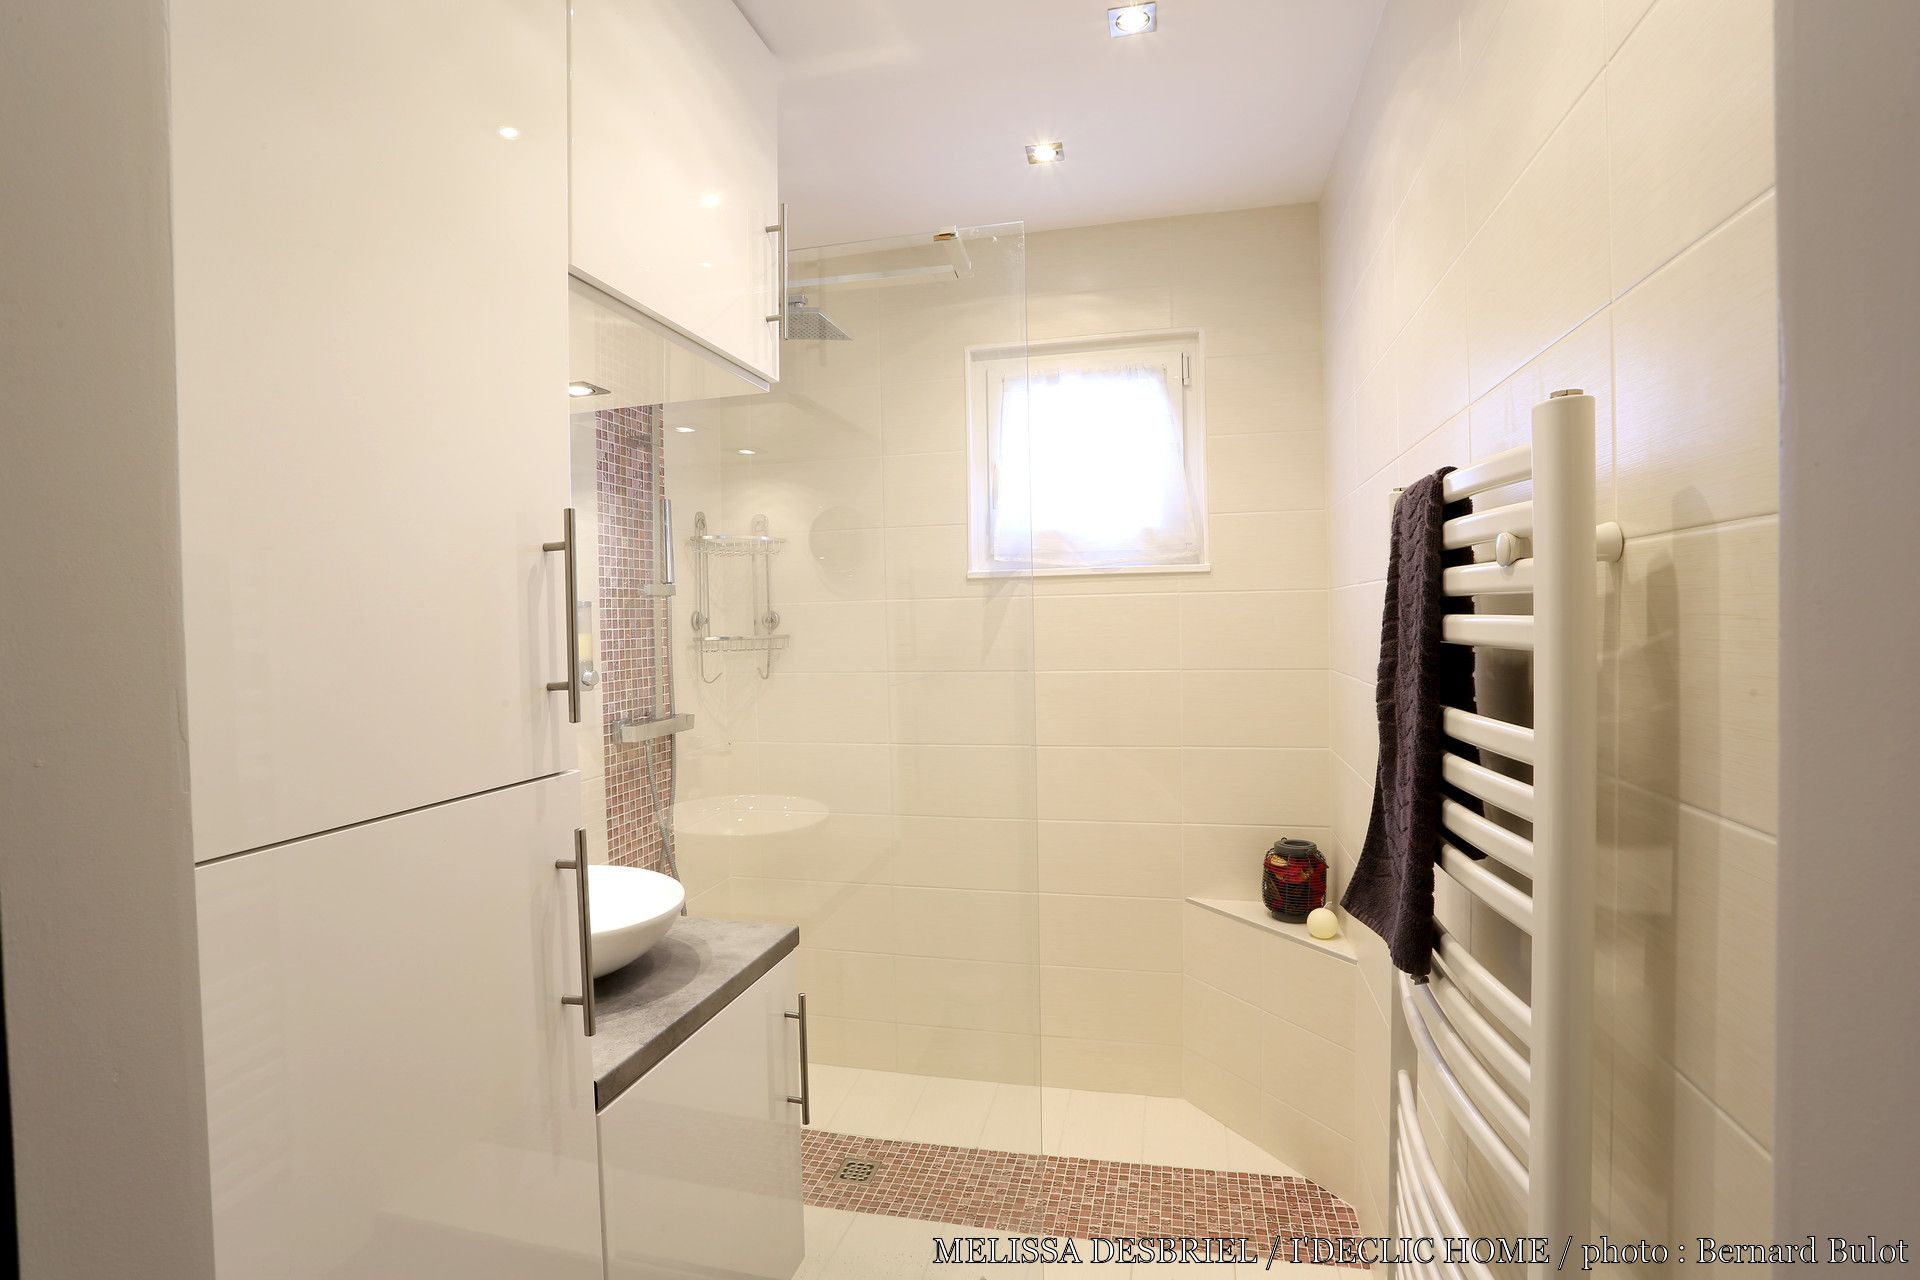 R novation d 39 une salle de bains de 3m2 par m lissa for Cout renovation salle de bain 3m2